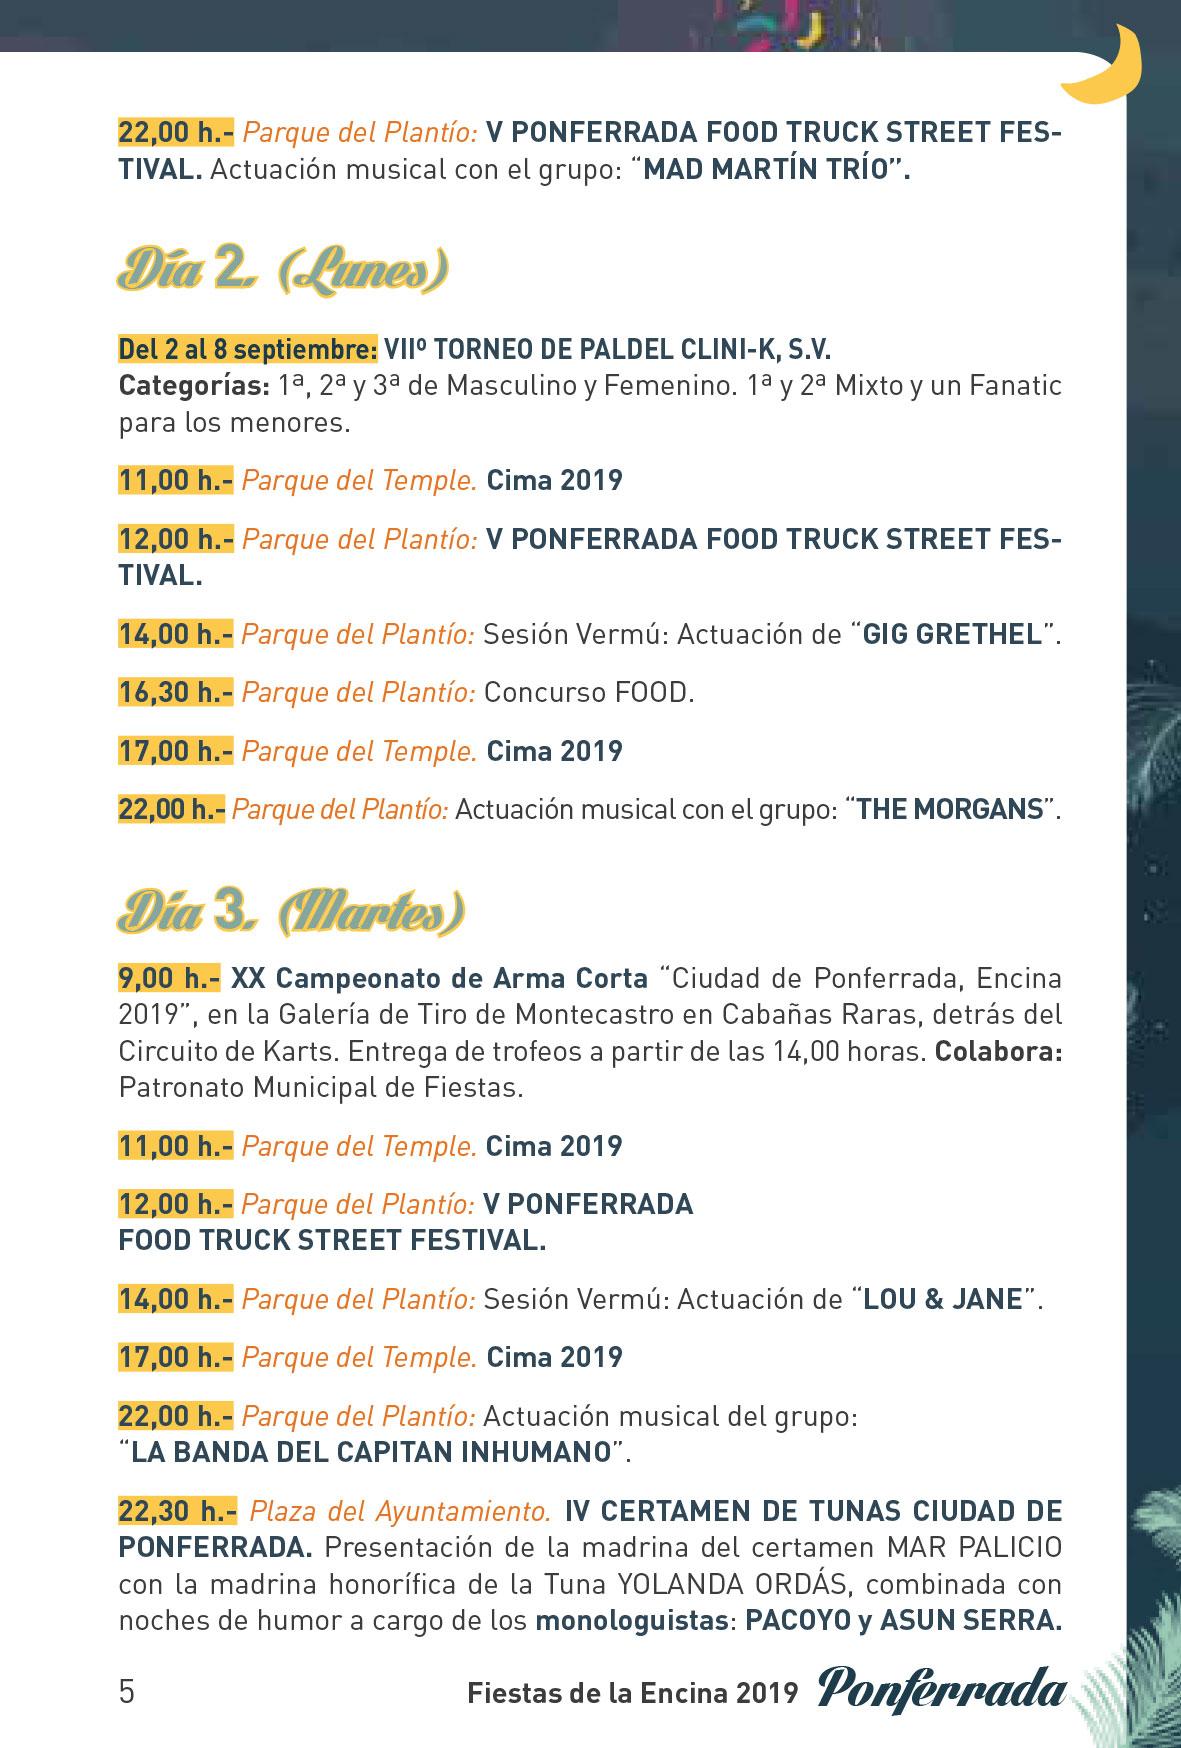 Fiestas de la Encina 2019. Programa y actividades 5